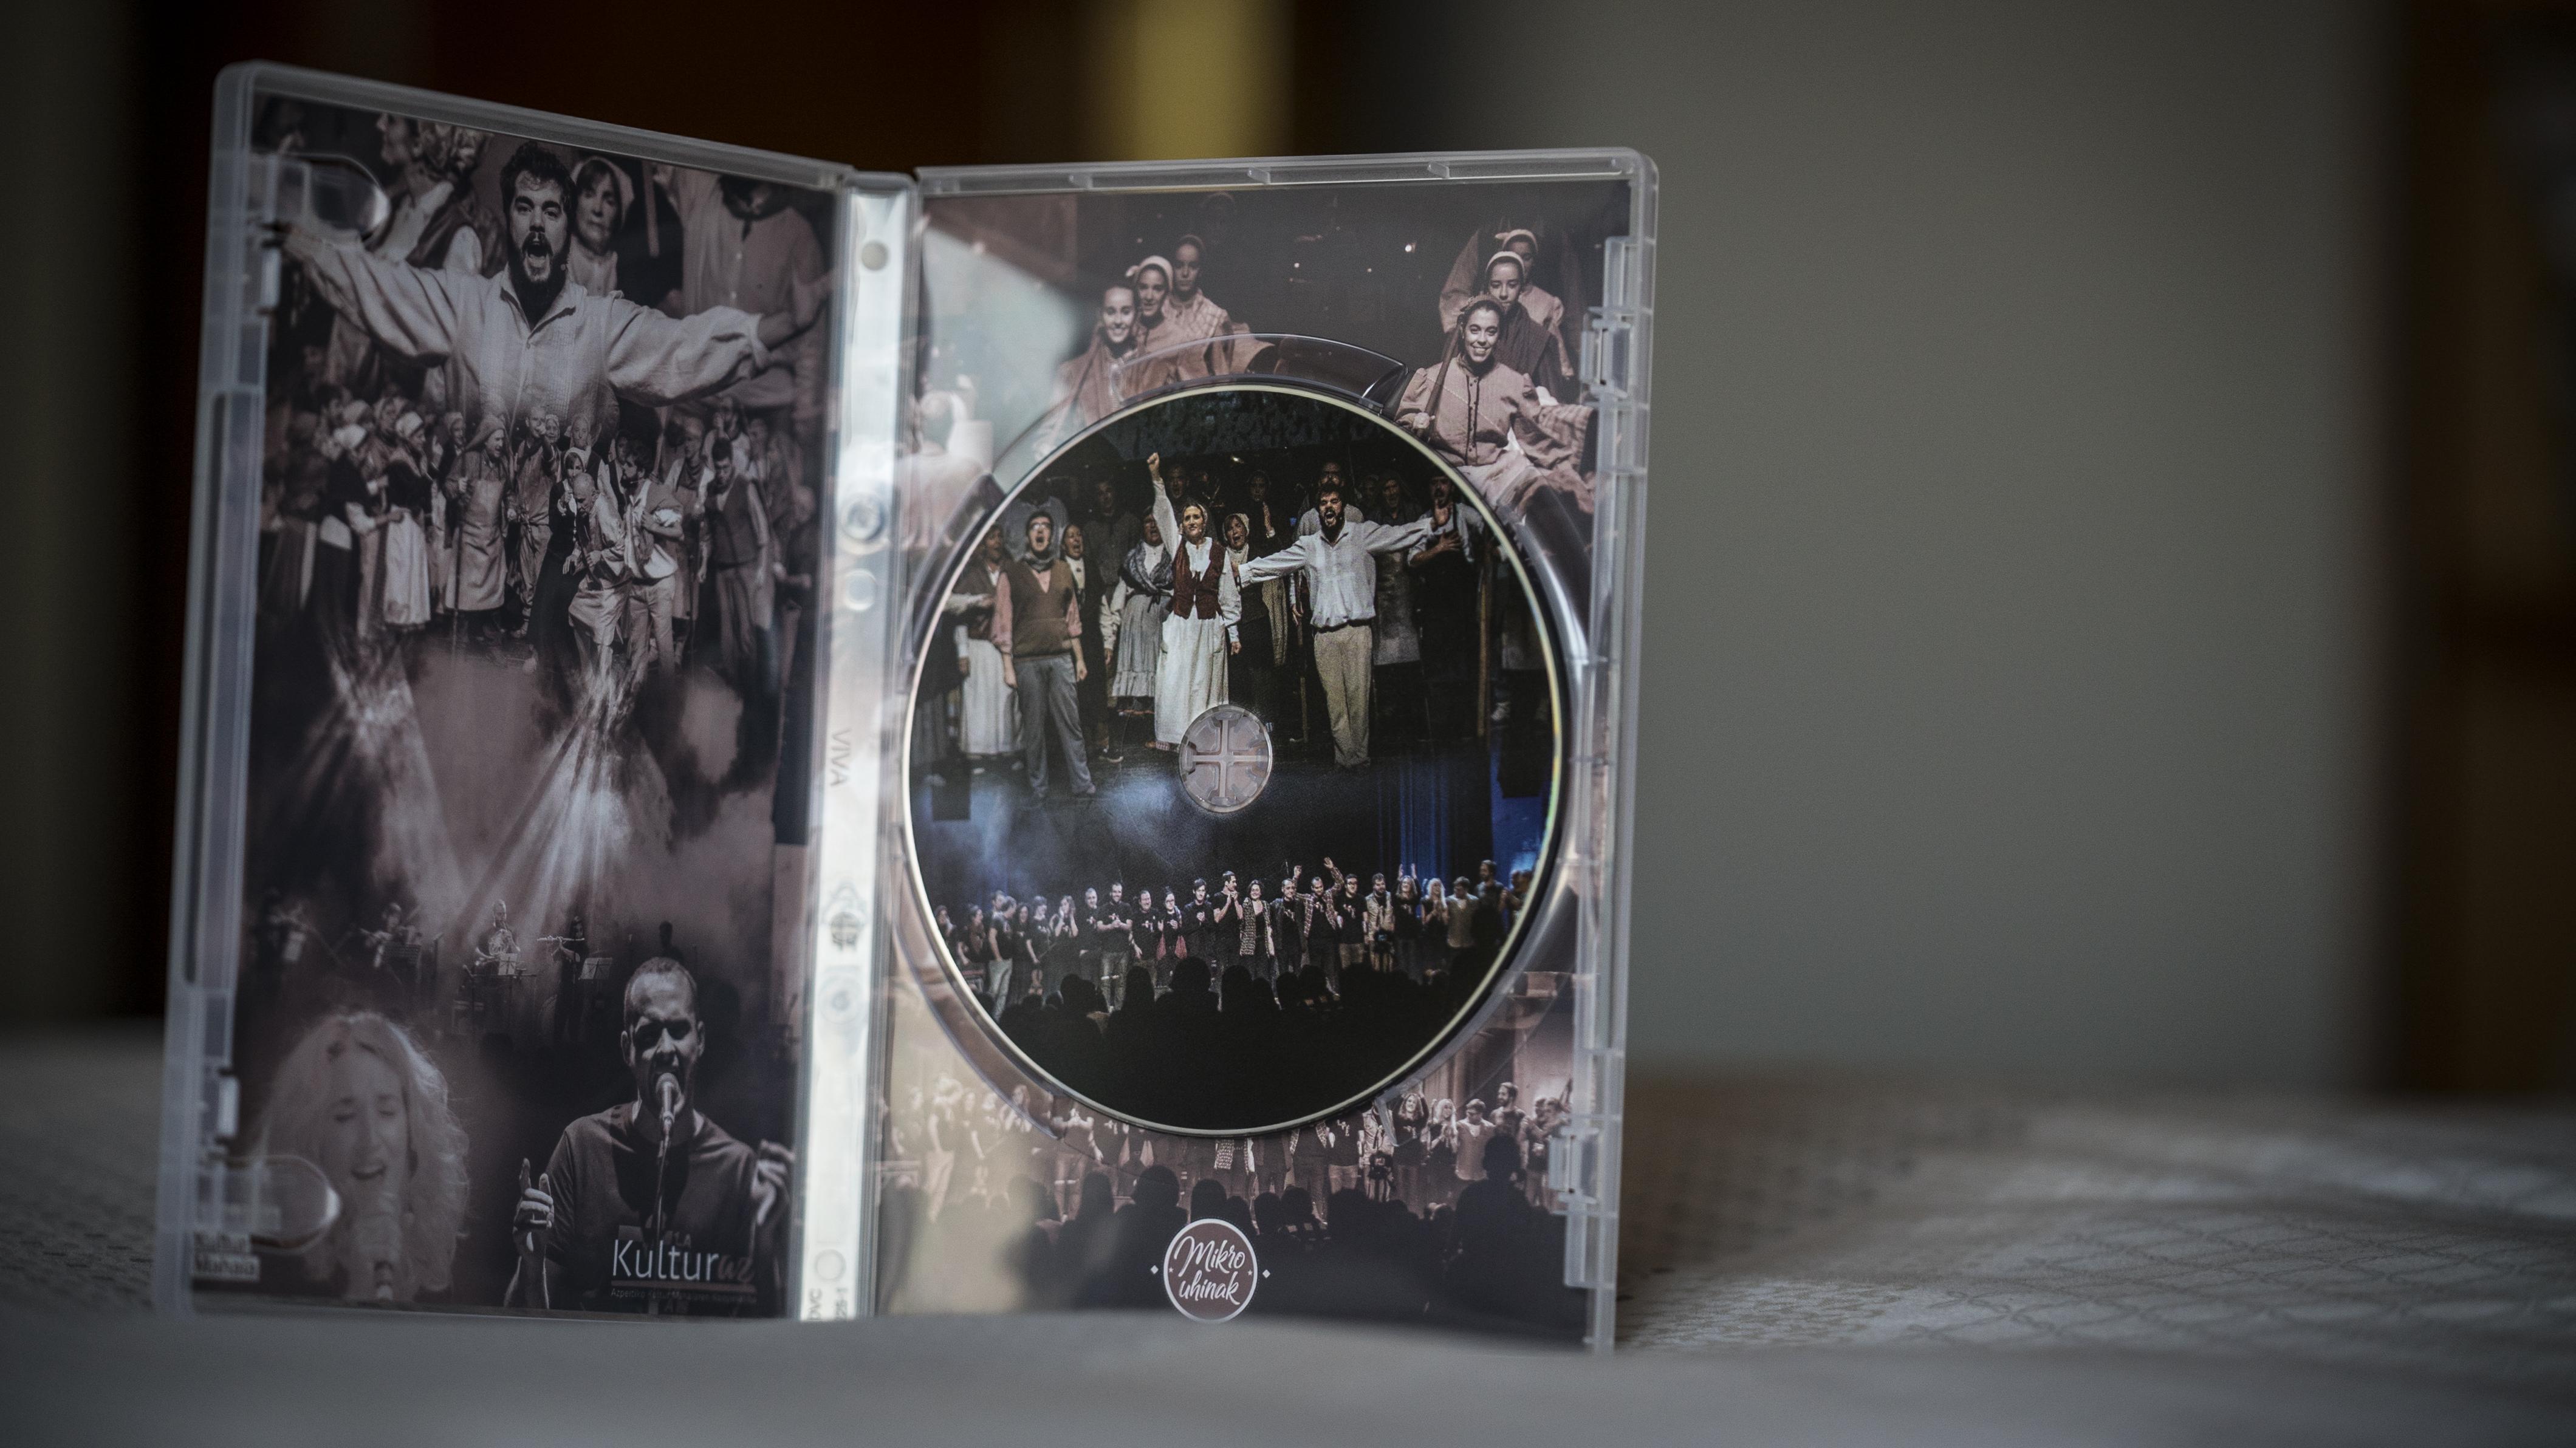 Matxinada eta Laboa 11 Ahotsetara ekimenak biltzen dituen DVDa argitaratu dugu